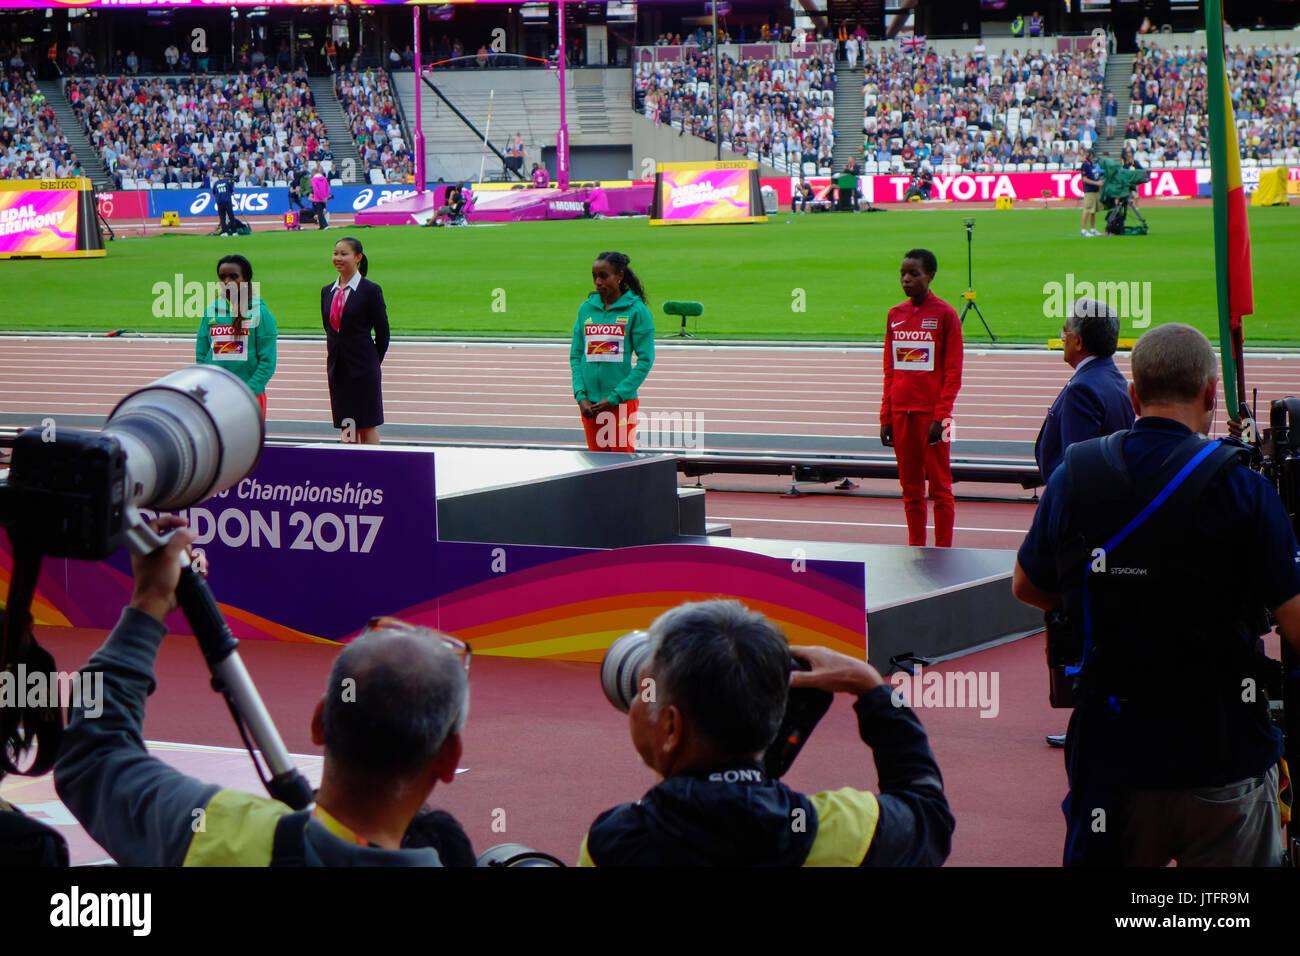 Tirunesh Dibaba aus Äthiopien, Silber, Almaz Ayana von Äthiopien, Gold und Agnes Jebet Tirop aus Kenia, Bronze bei der IAAF World Championships in London 2017. Stockbild